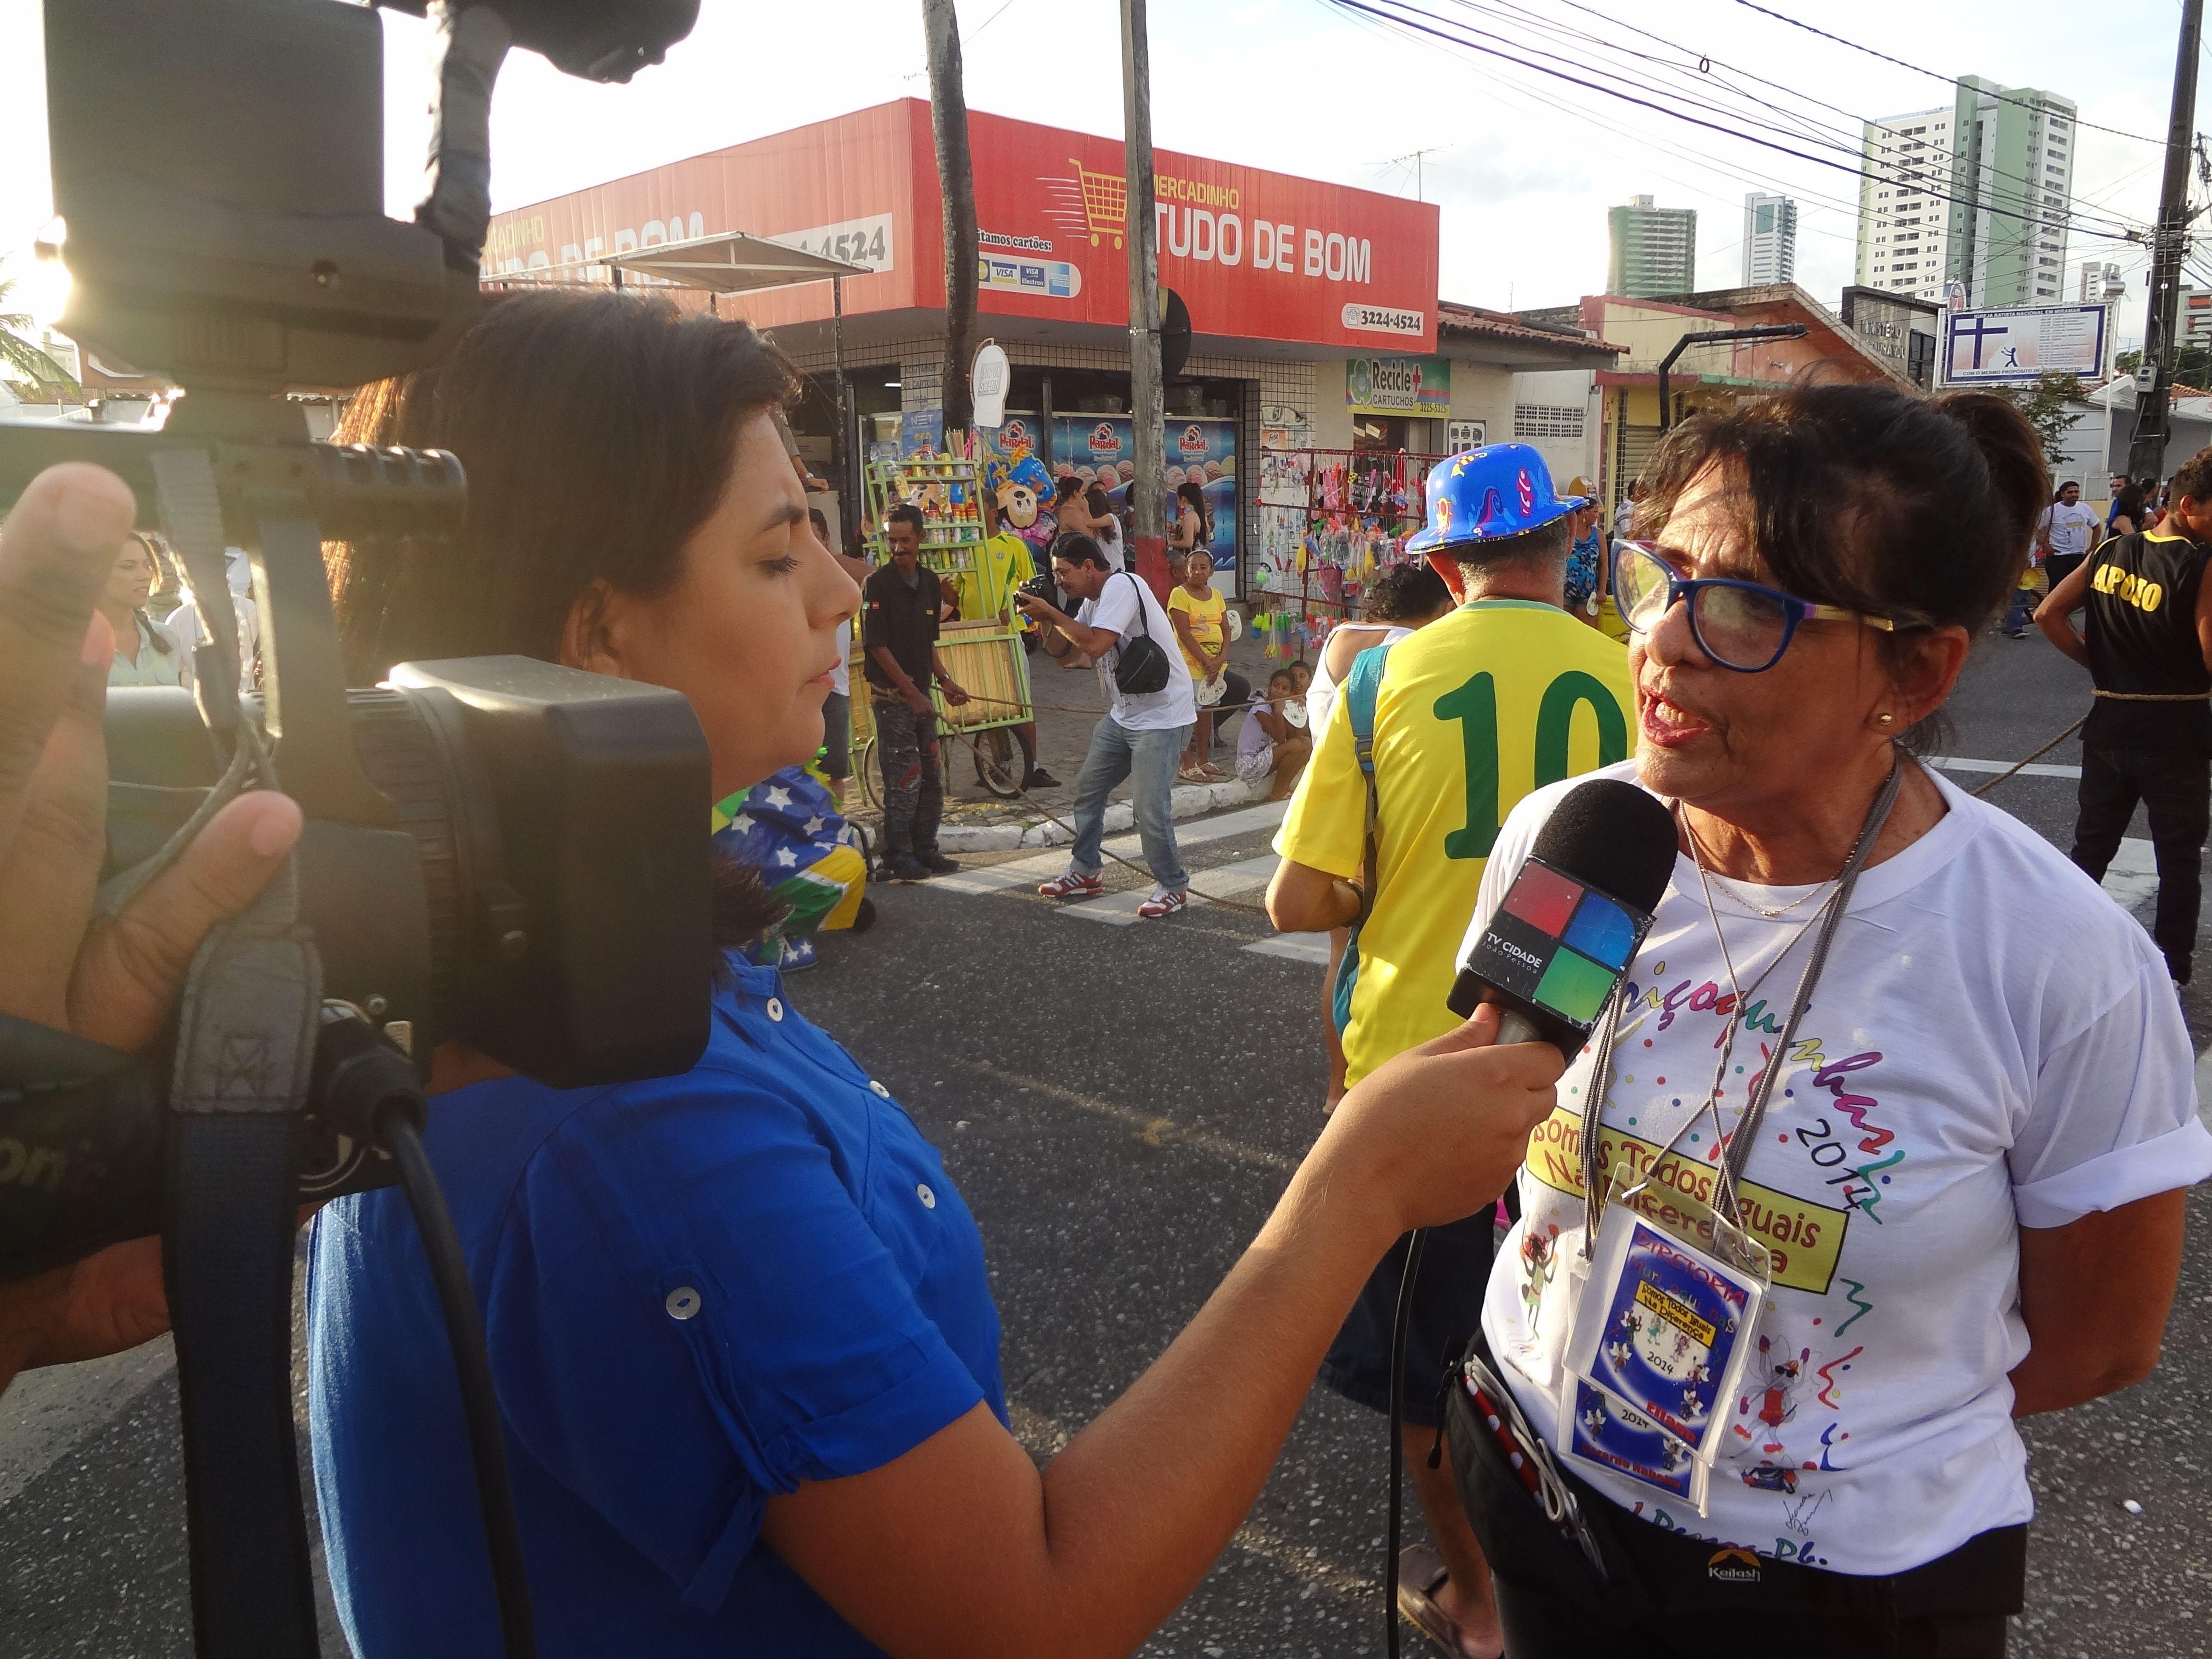 Presidente do Bloco Muriçoquinha do Miramar, Eliane Holanda em entrevista à TV Cidade. Saiba mais: http://www.crianca.pb.gov.br/noticia/864/Muricoquinhas-trouxe-campanha-de-inclusao-social-e-defesa-da-infancia-.html